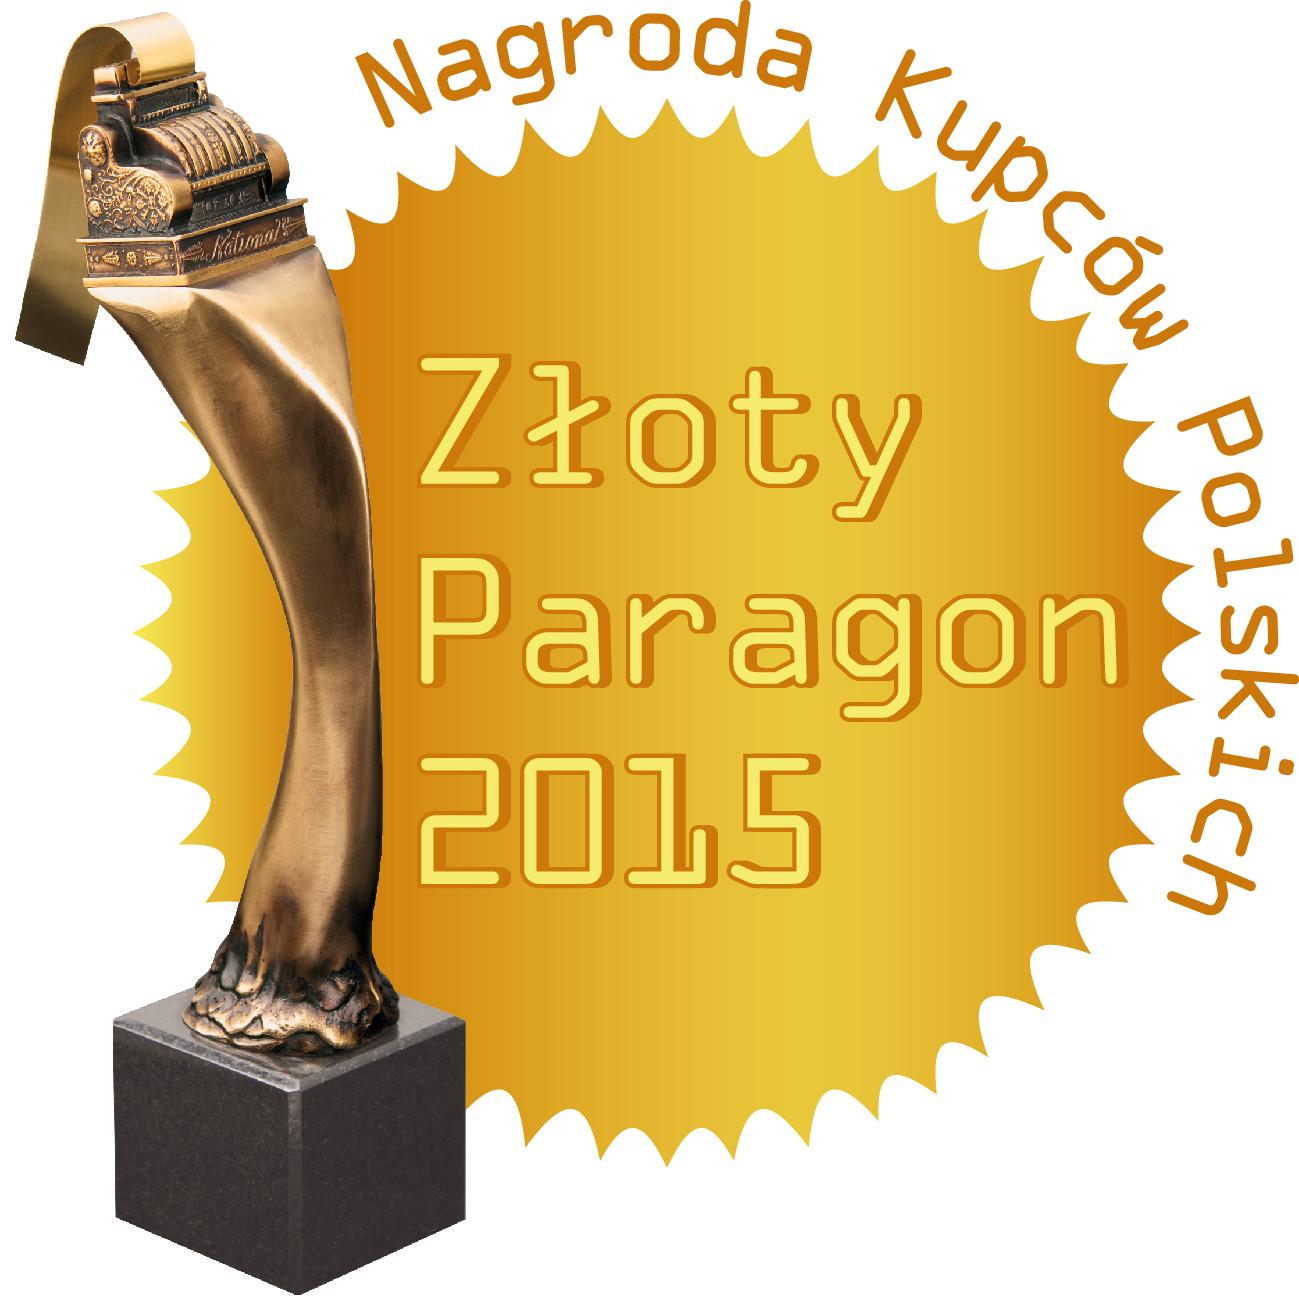 Konkurs Złoty Paragon 2015 rozstrzygnięty!